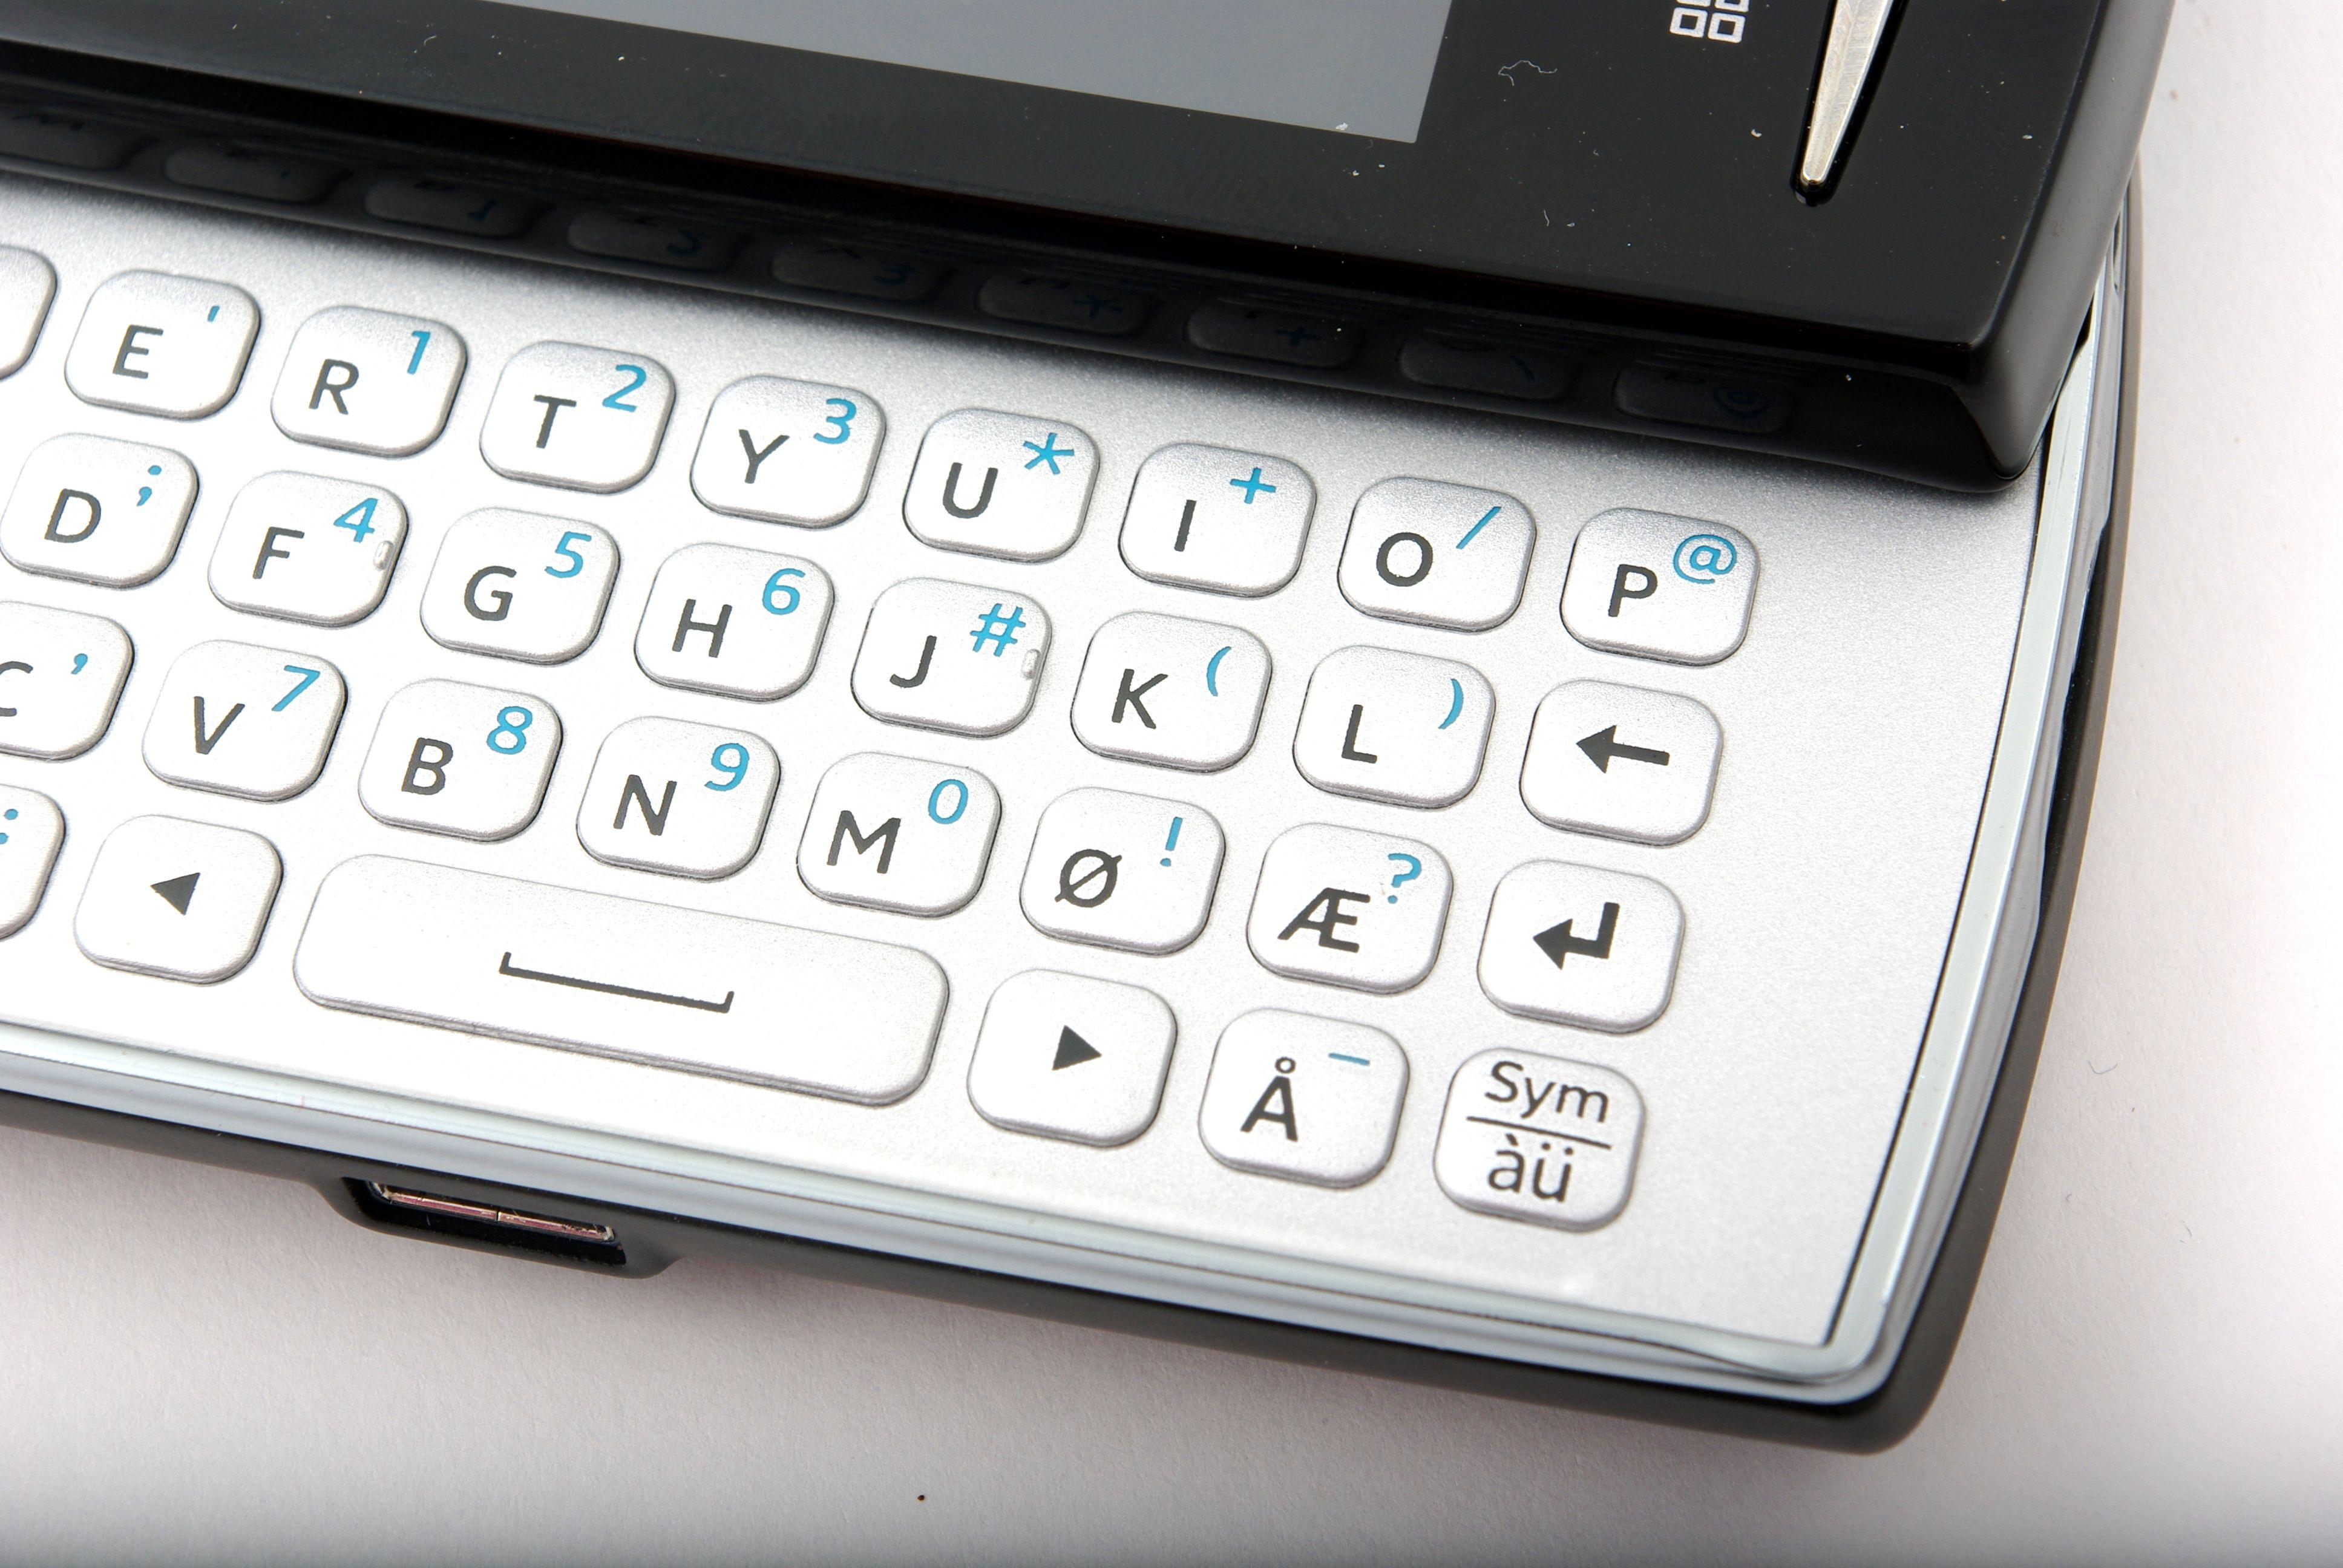 Norske tegn på tastaturet er et pluss.